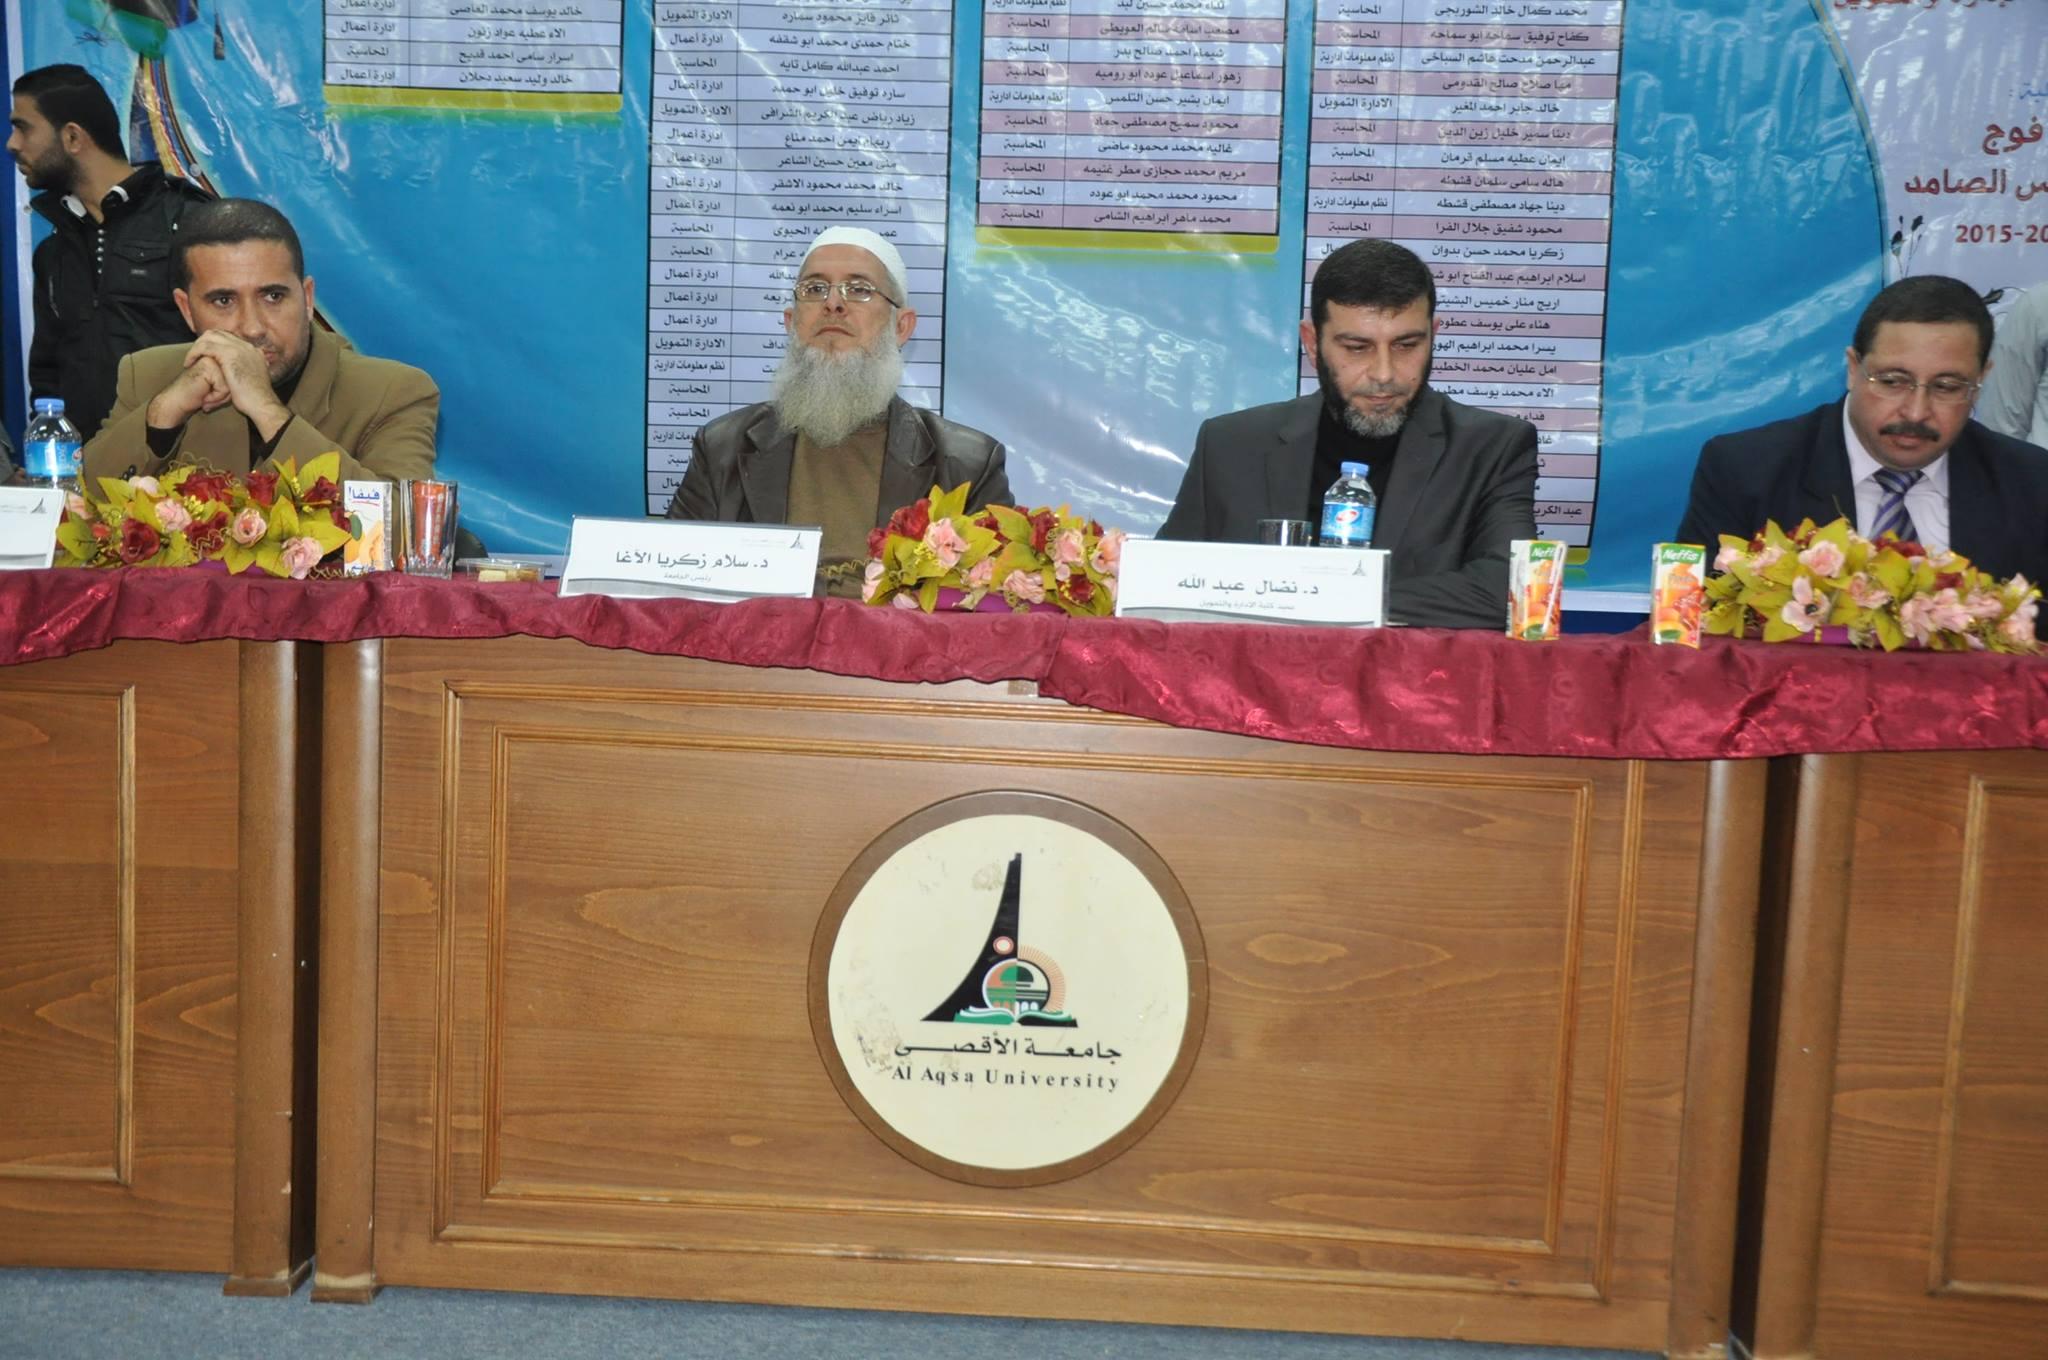 تكريم اوائل في جامعة الاقصى